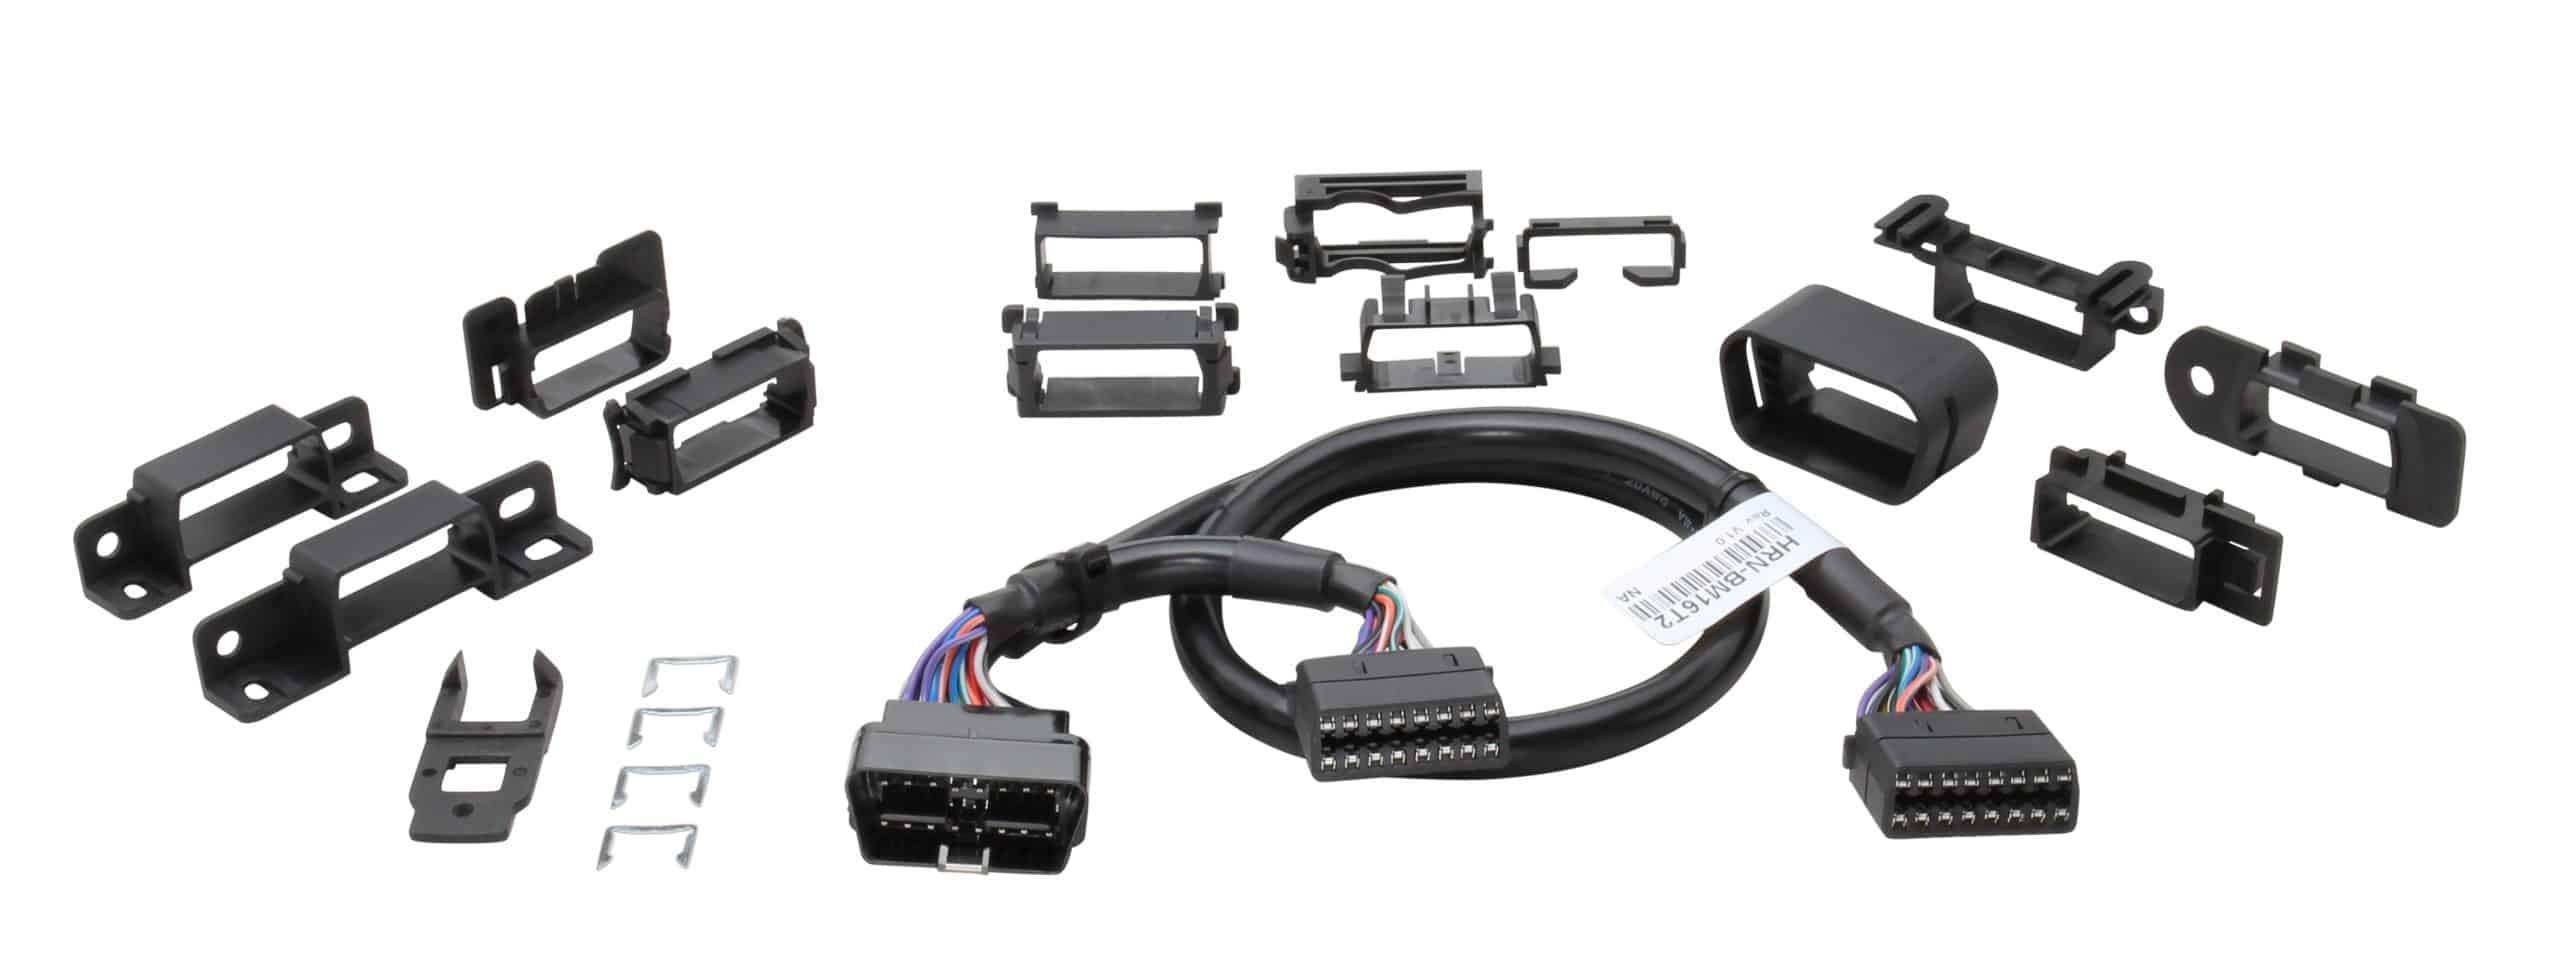 Geotab HRN-GS16K2 Installationszubehör OBD2 Y-Kabelbaumadapter für verdeckten GPS Stecker Einbau